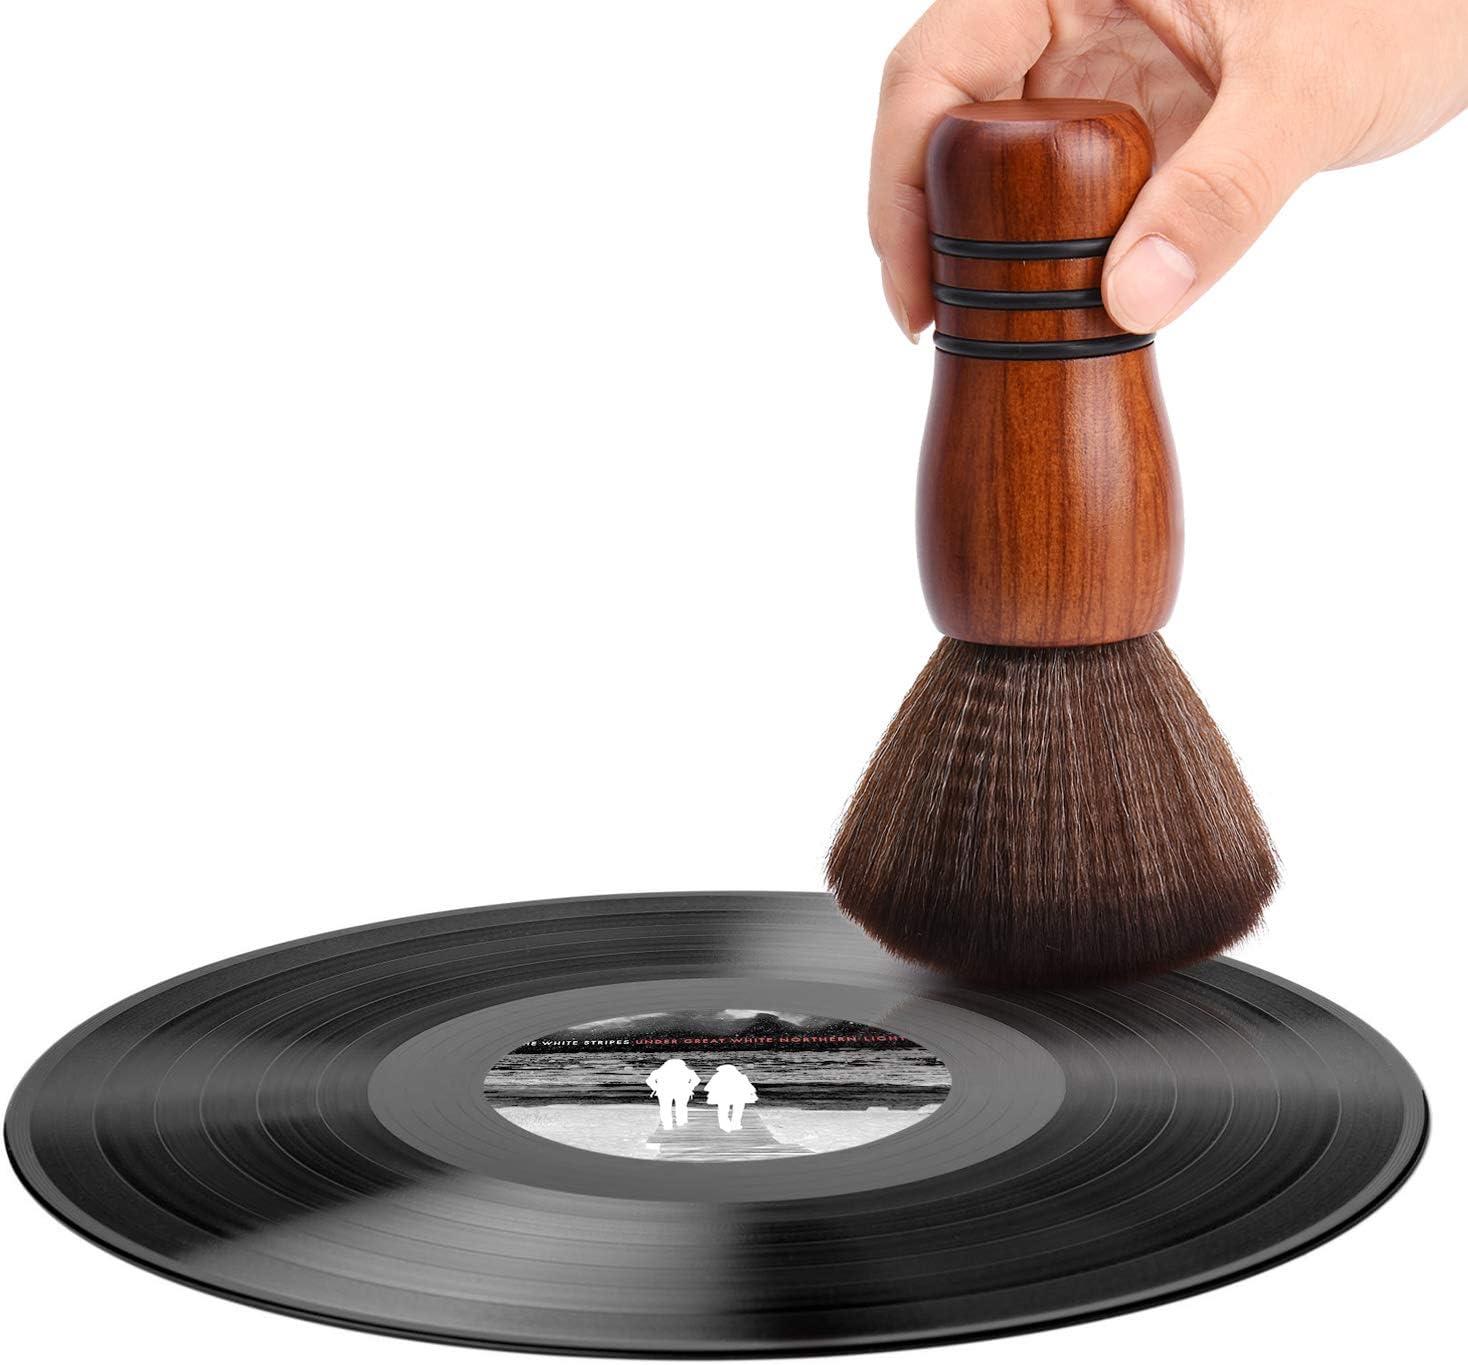 YOKING Brosse pour Disque en Bois Massif Brosse pour Tampon Nettoyant pour Disque Vinyle LP Antistatique Collecteur De Poussi/ère pour Stylet Audio